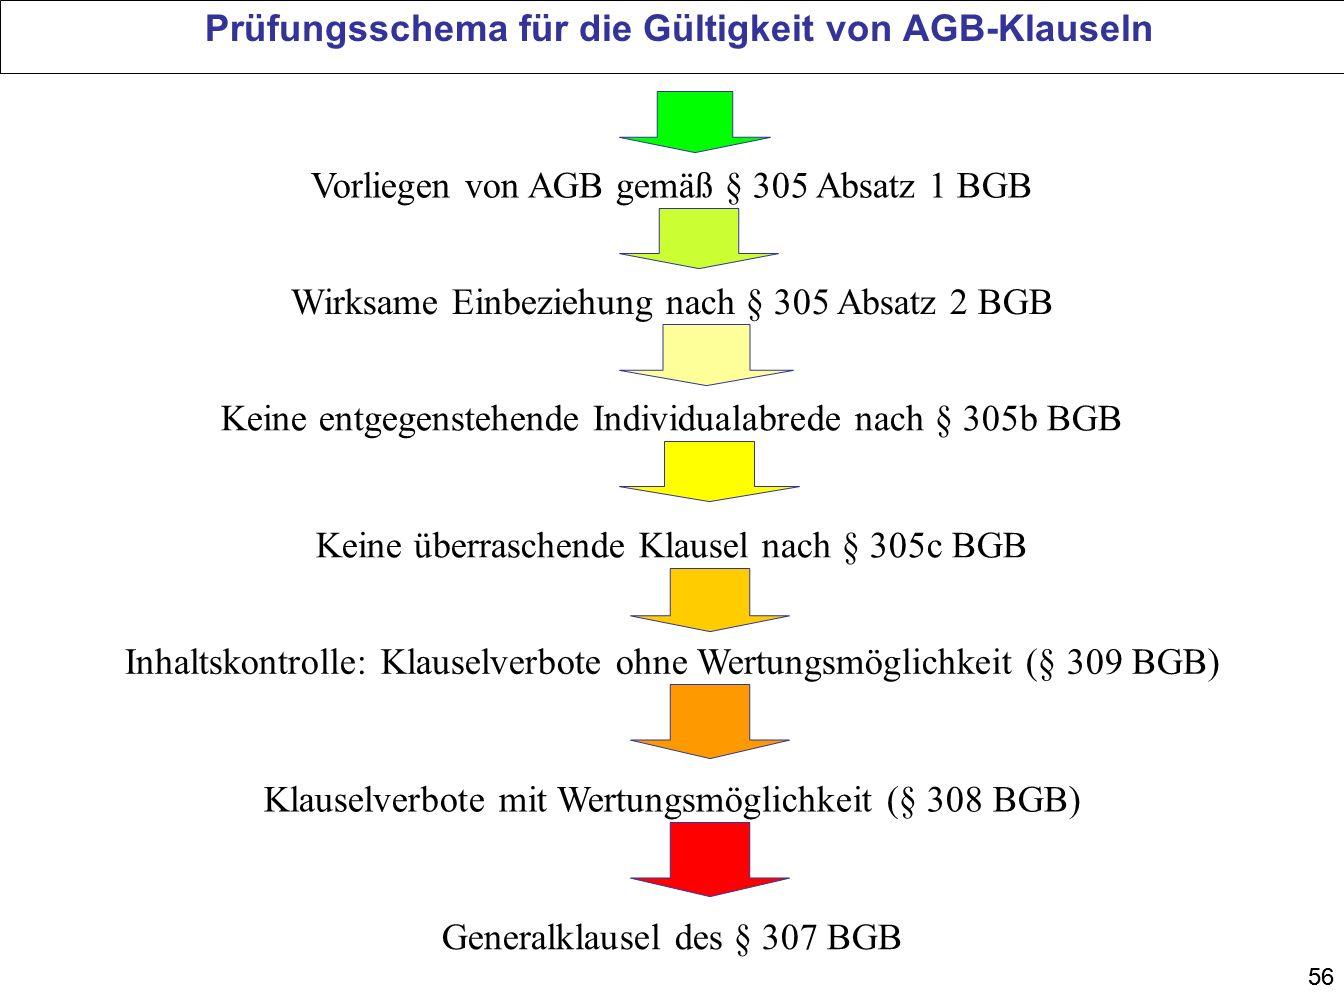 56 Prüfungsschema für die Gültigkeit von AGB-Klauseln Vorliegen von AGB gemäß § 305 Absatz 1 BGB Wirksame Einbeziehung nach § 305 Absatz 2 BGB Keine ü